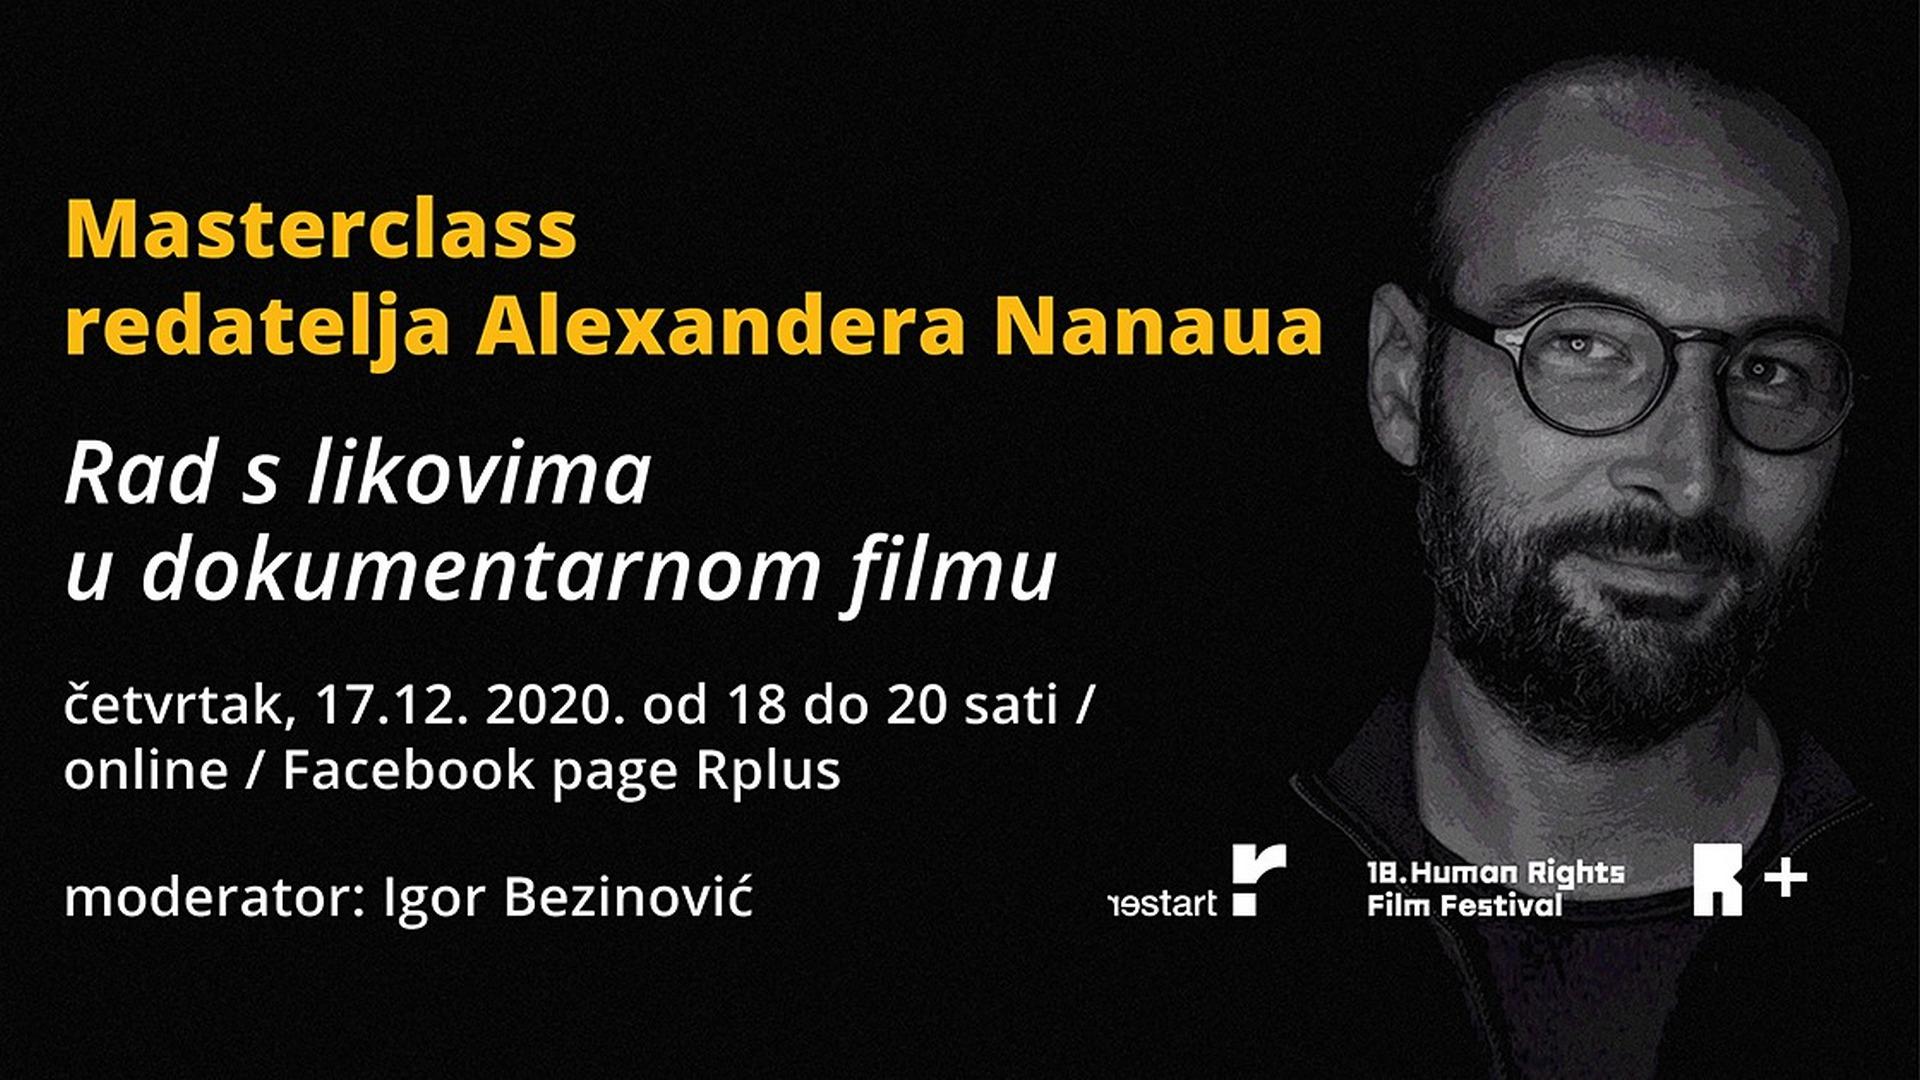 Masterclass redatelja Alexandera Nanaua   Restart & Human Rights Film Festival